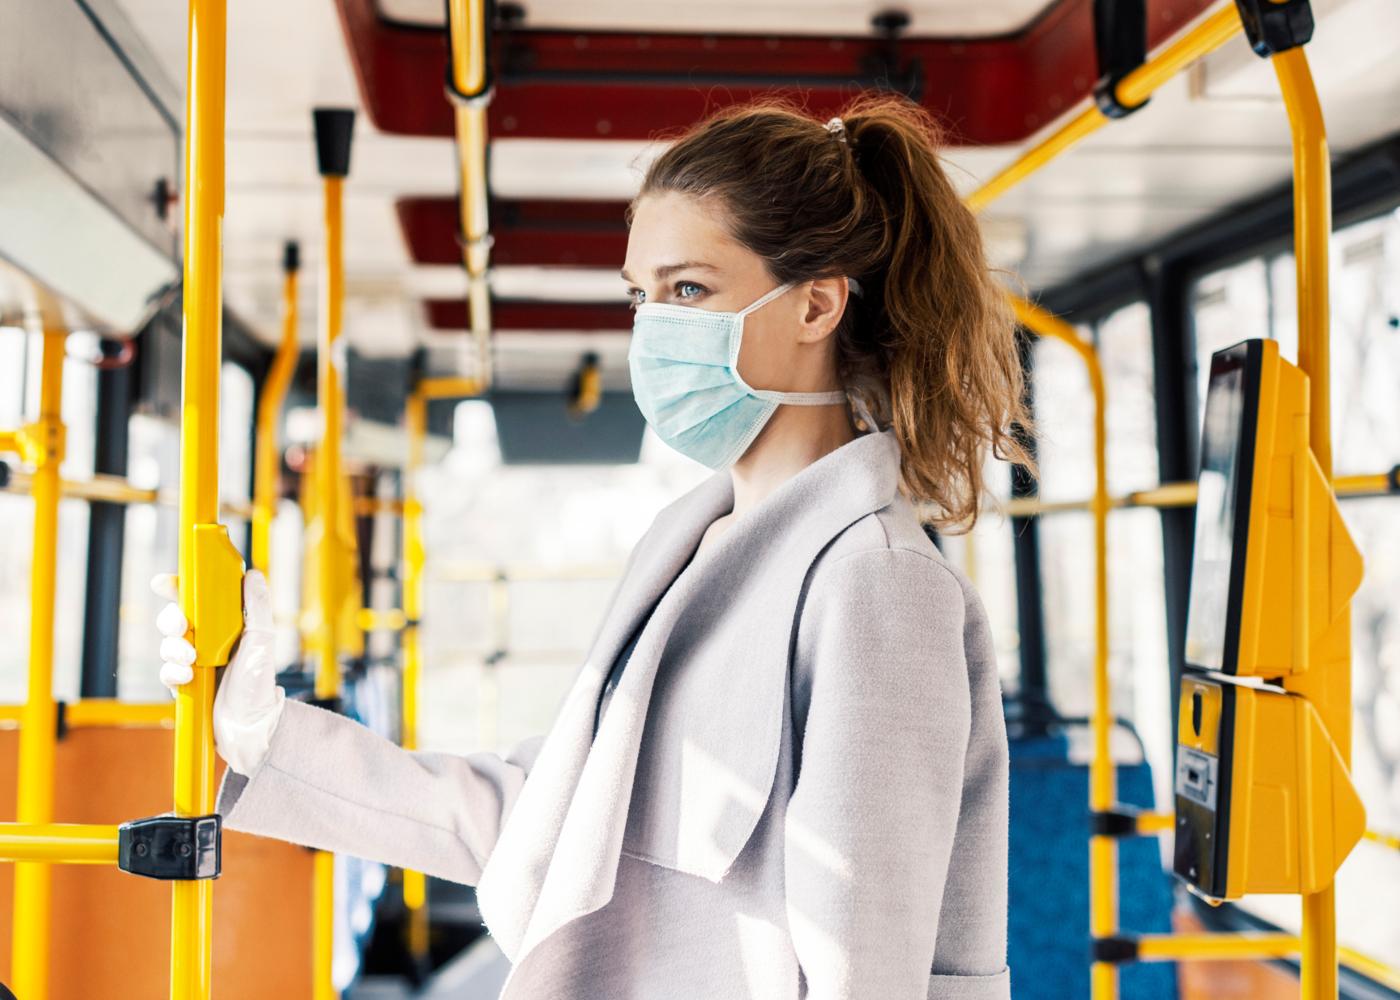 Comportamento socialmente responsável: mulher com máscara em autocarro